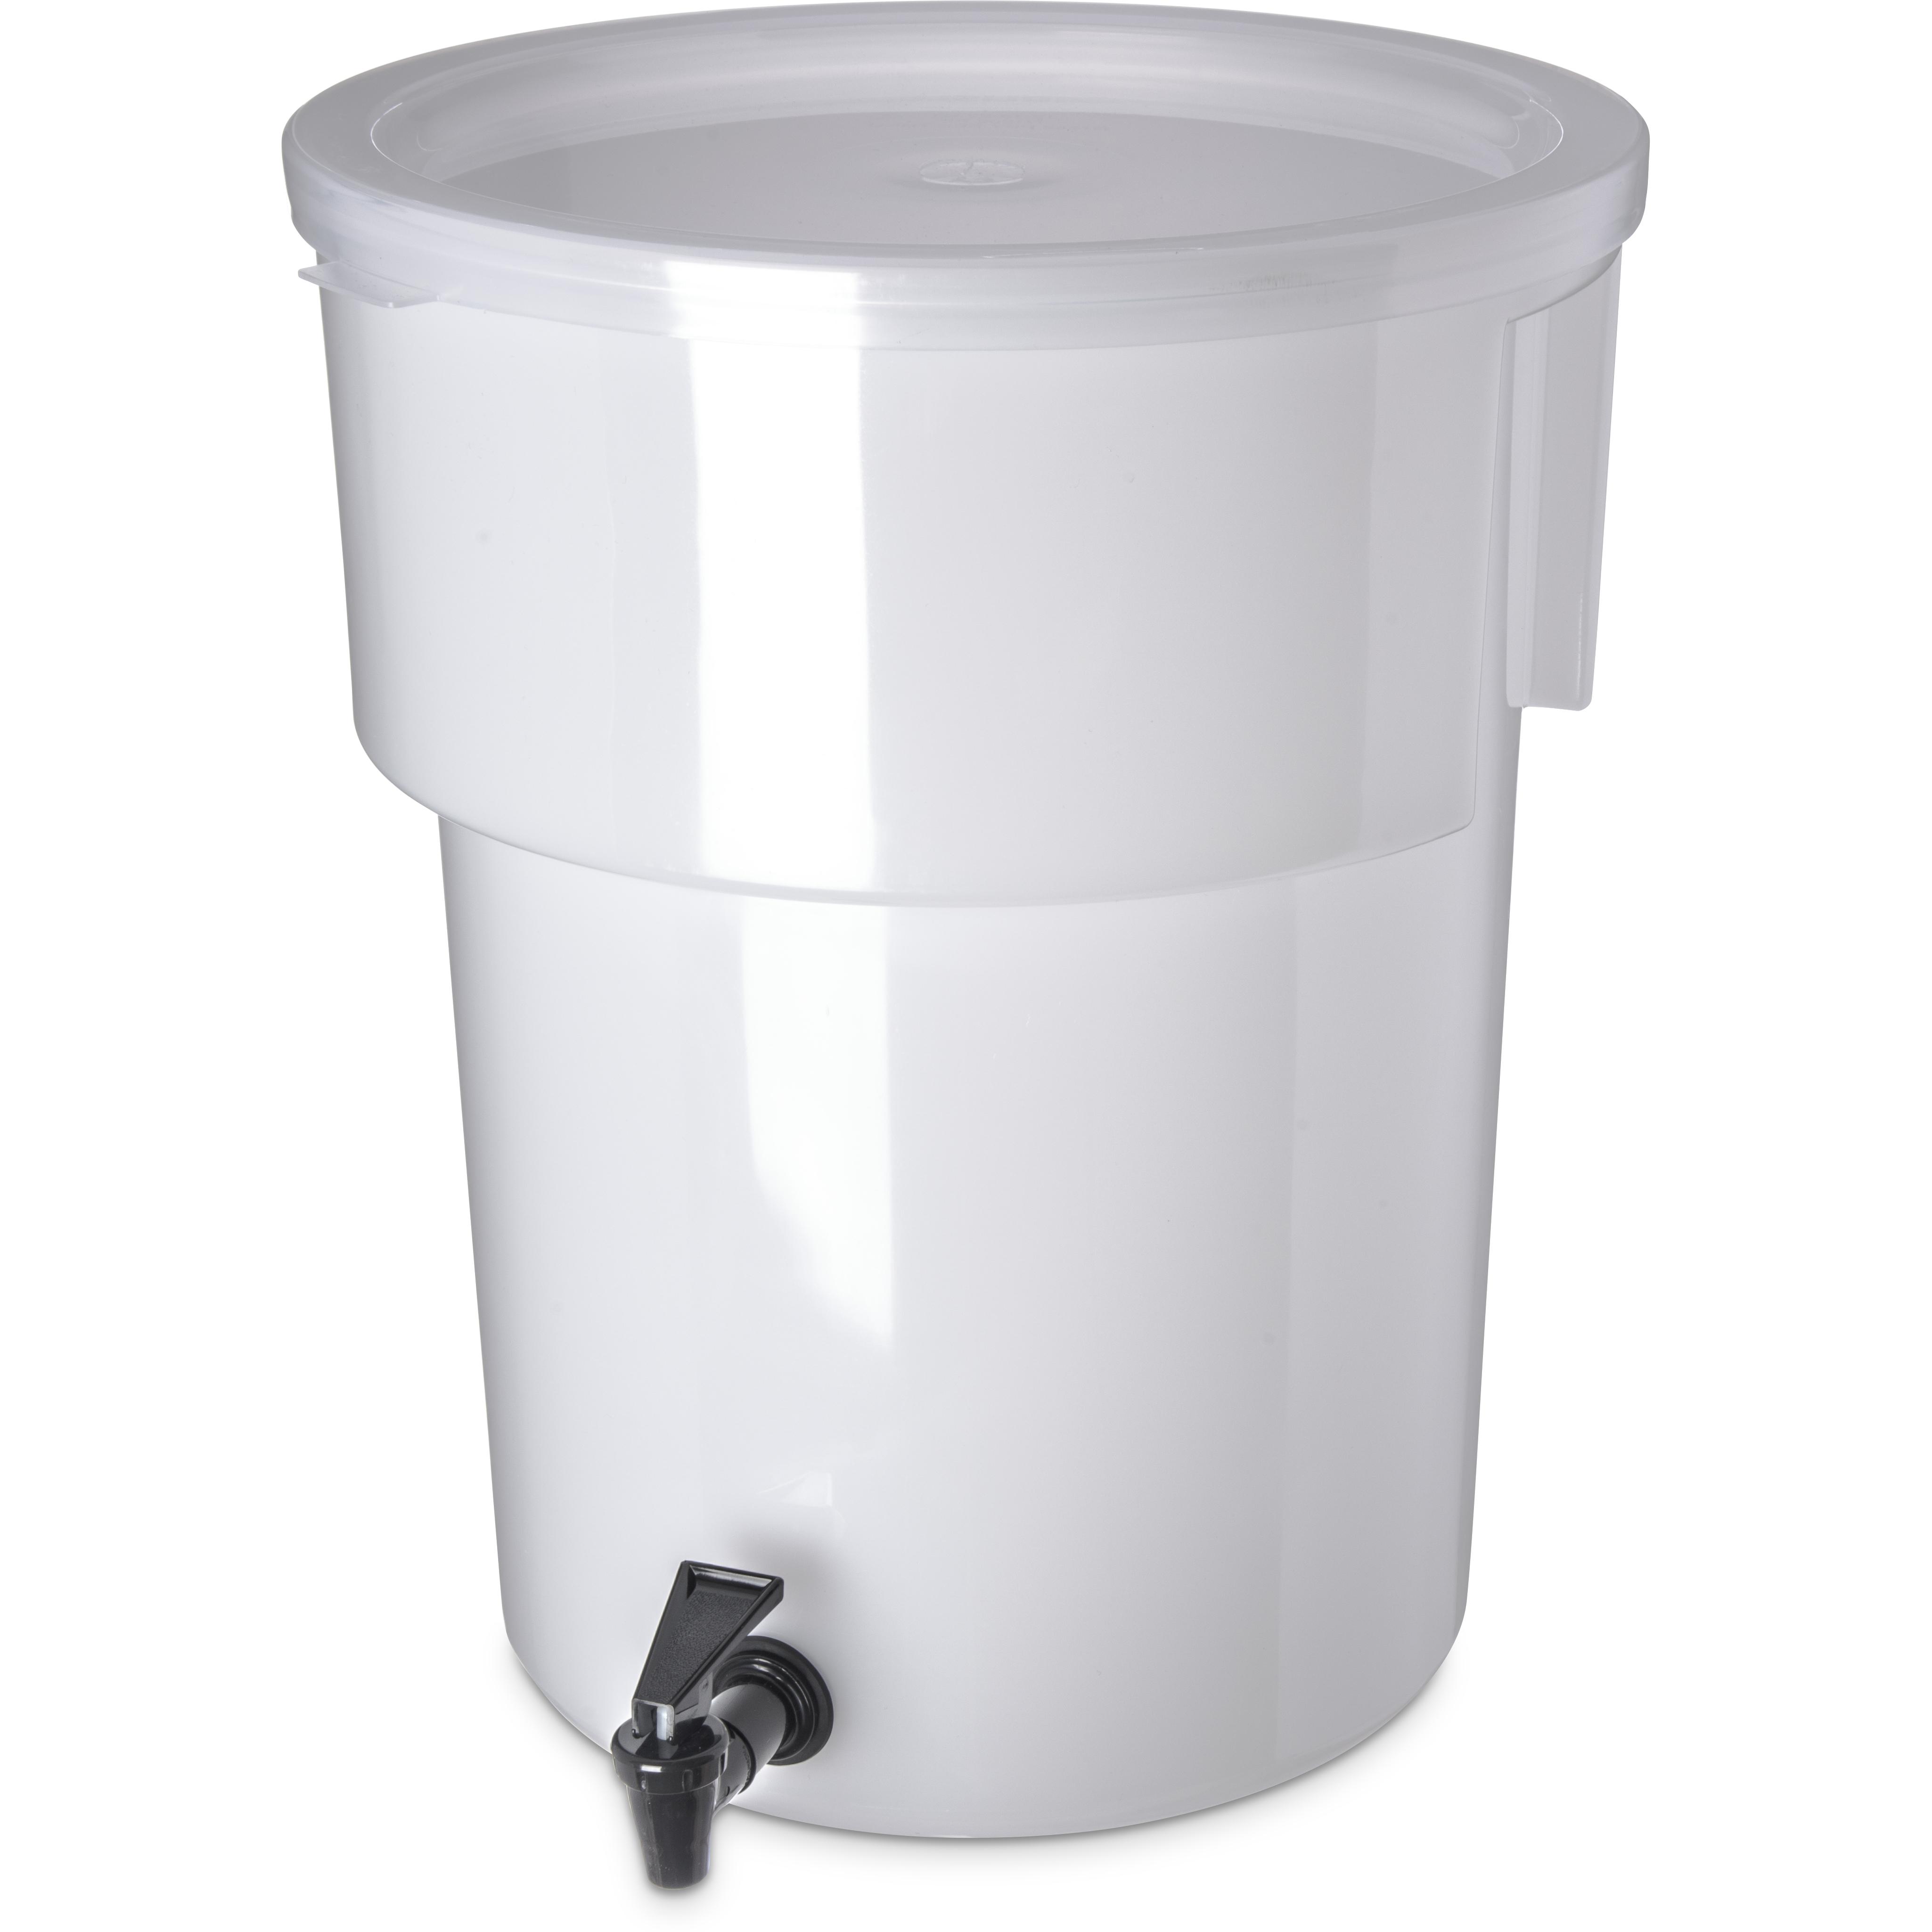 Carlisle 221002 beverage dispenser, non-insulated